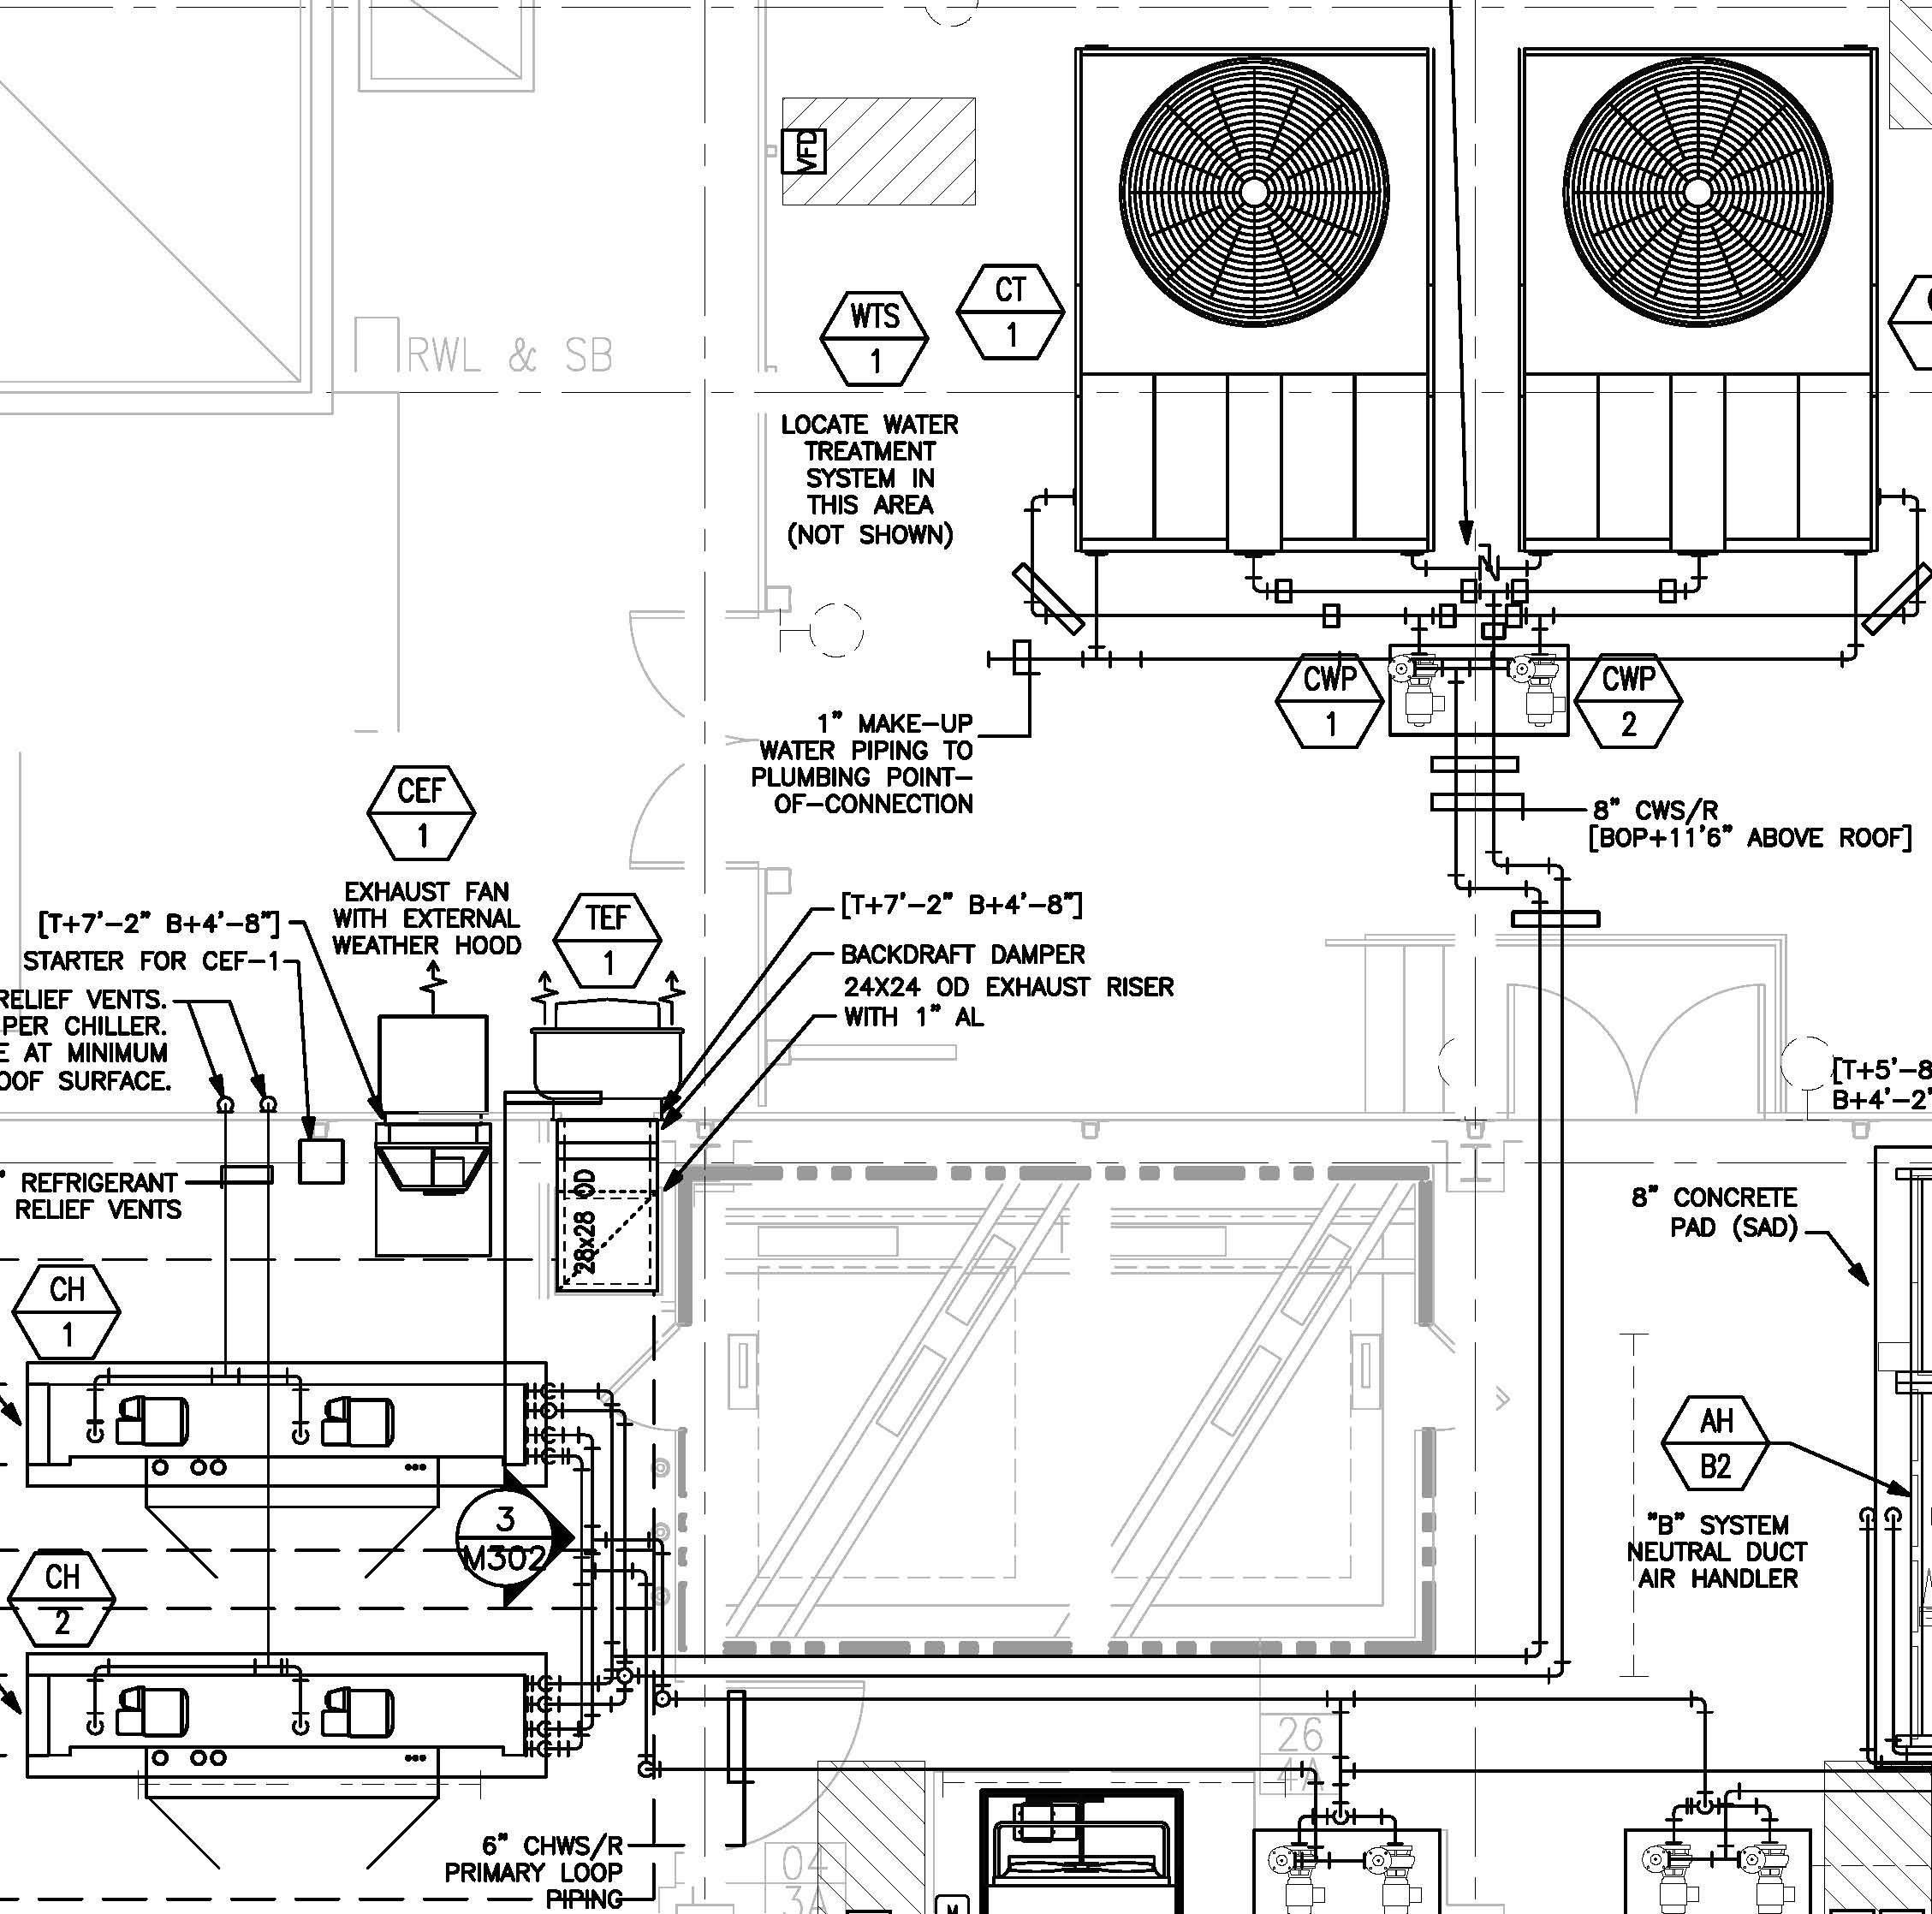 International Truck Wiring Diagram Dt466 Starter Wiring Diagram Detailed Schematics Diagram Of International Truck Wiring Diagram